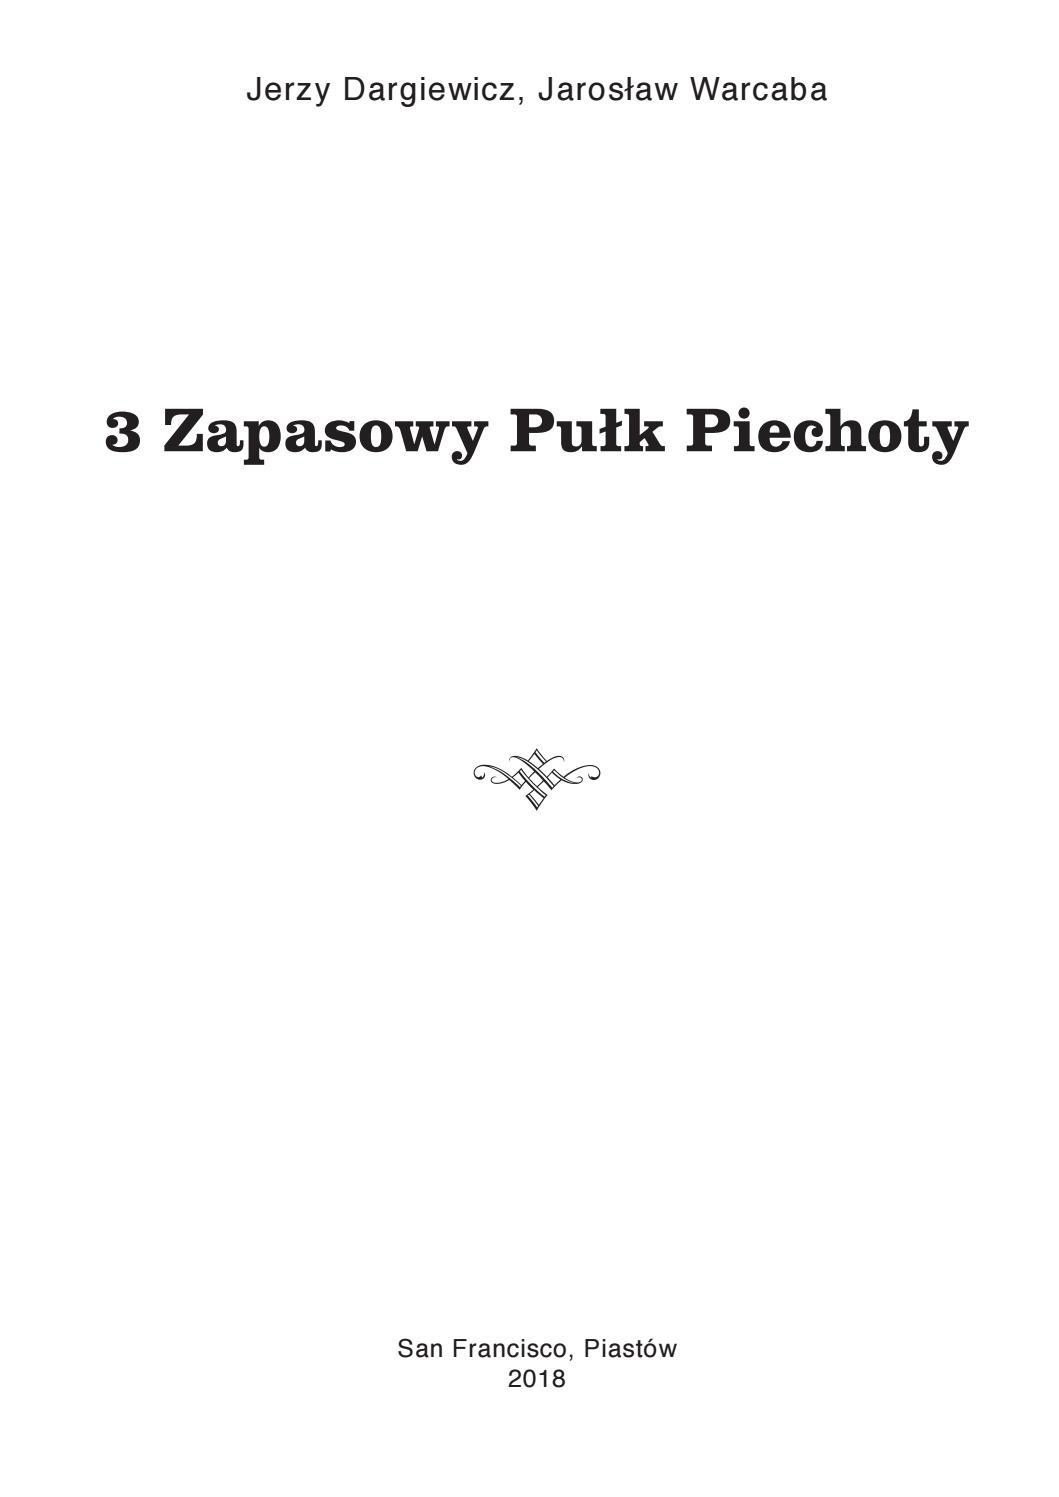 301 doc JD_JW-3-ci Zapasowy Pułk Piechoty by Jerzy